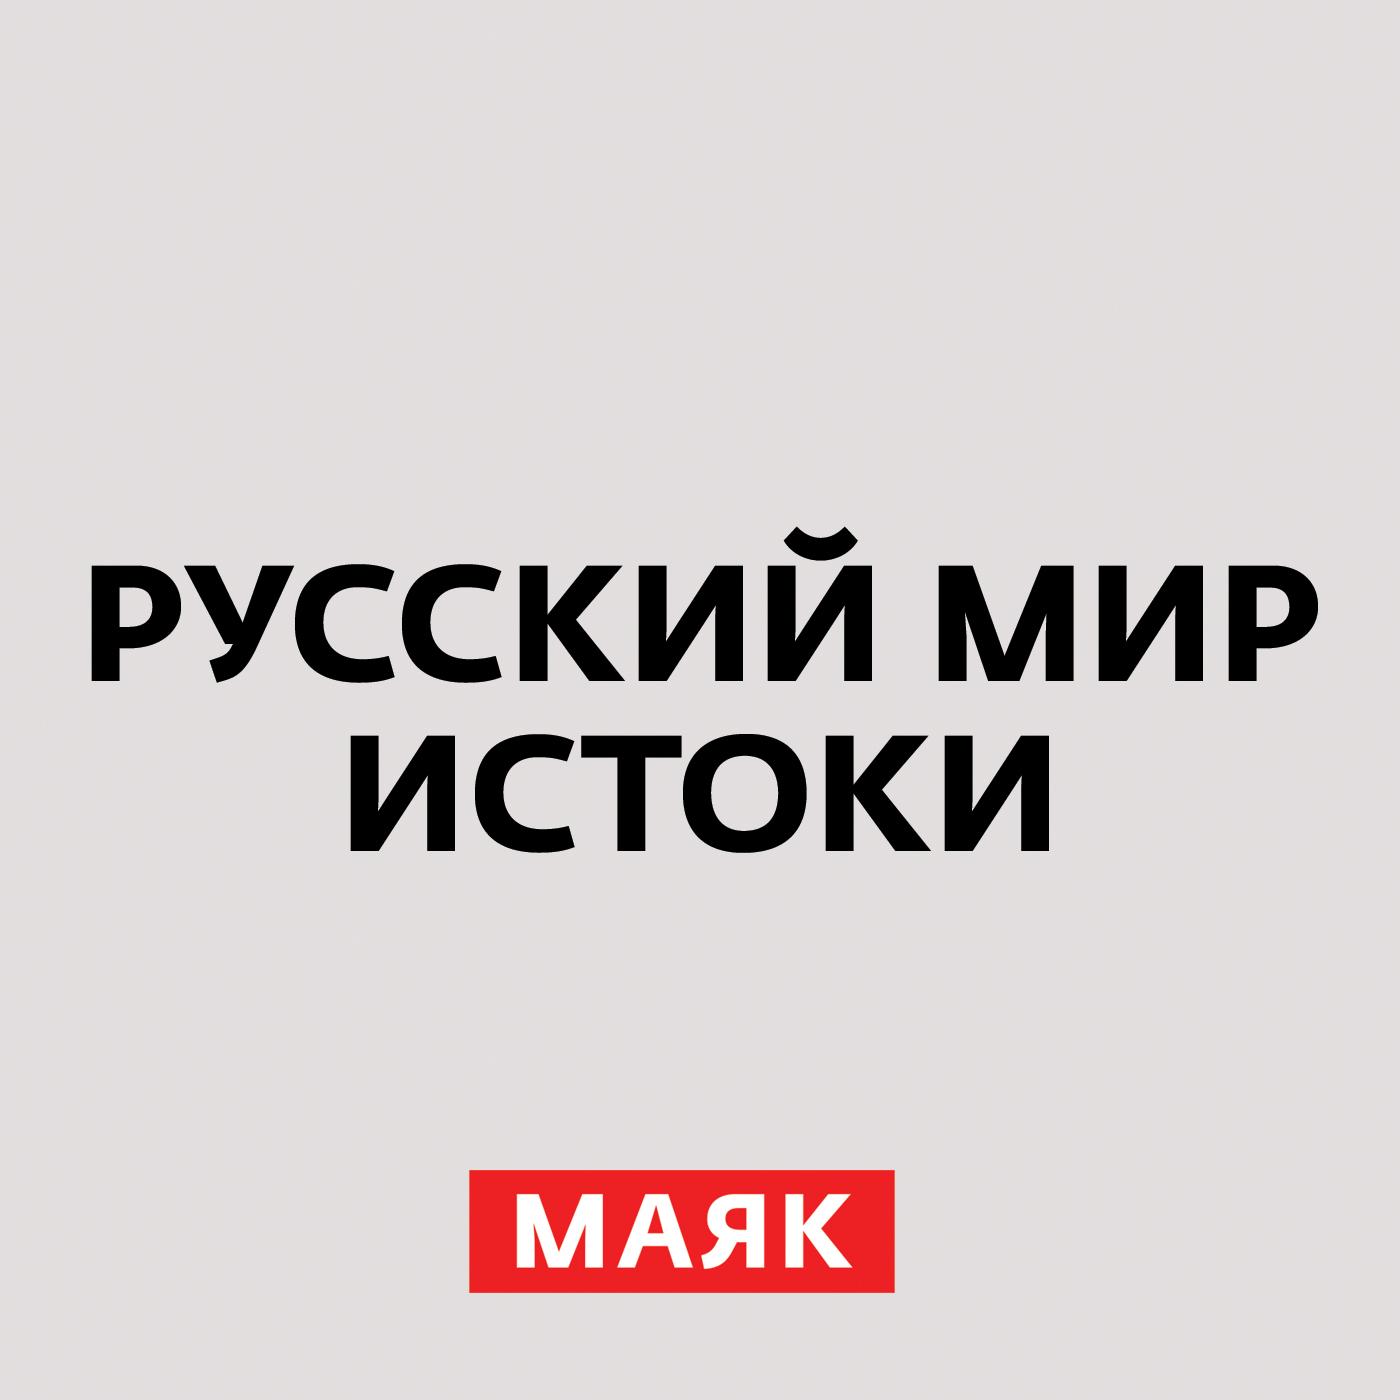 Творческий коллектив радио «Маяк» Иван Данилович Калита иван апраксин подменный князь 2 гибель богов